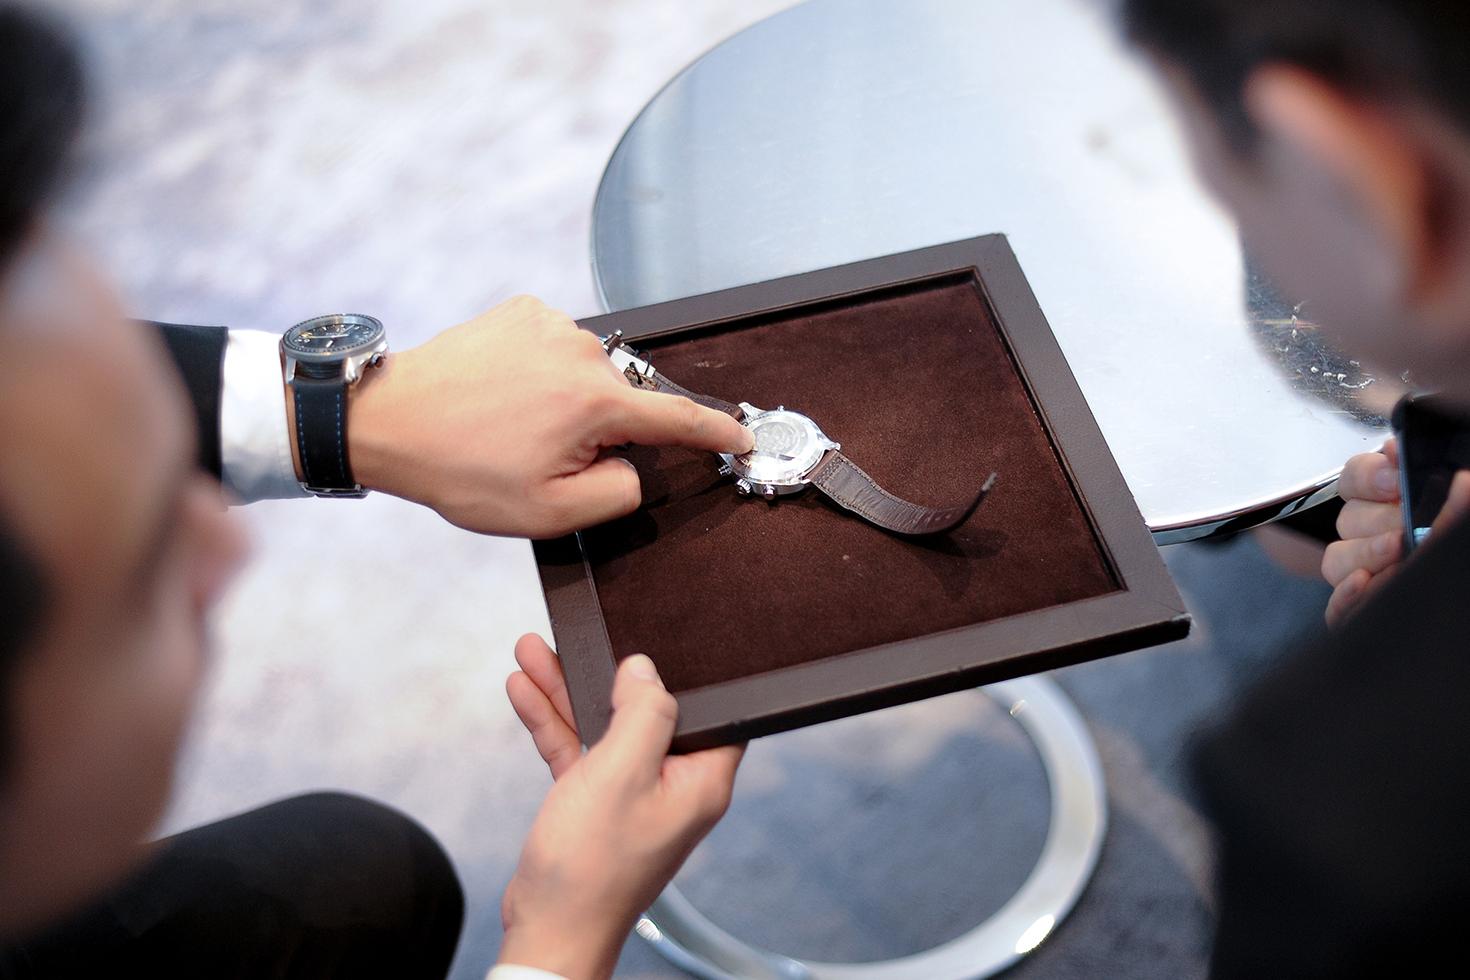 Đội ngũ nhân viên của Luxury Shopping am hiểu về đồng hồ, tận tâm và chuyên nghiệp.